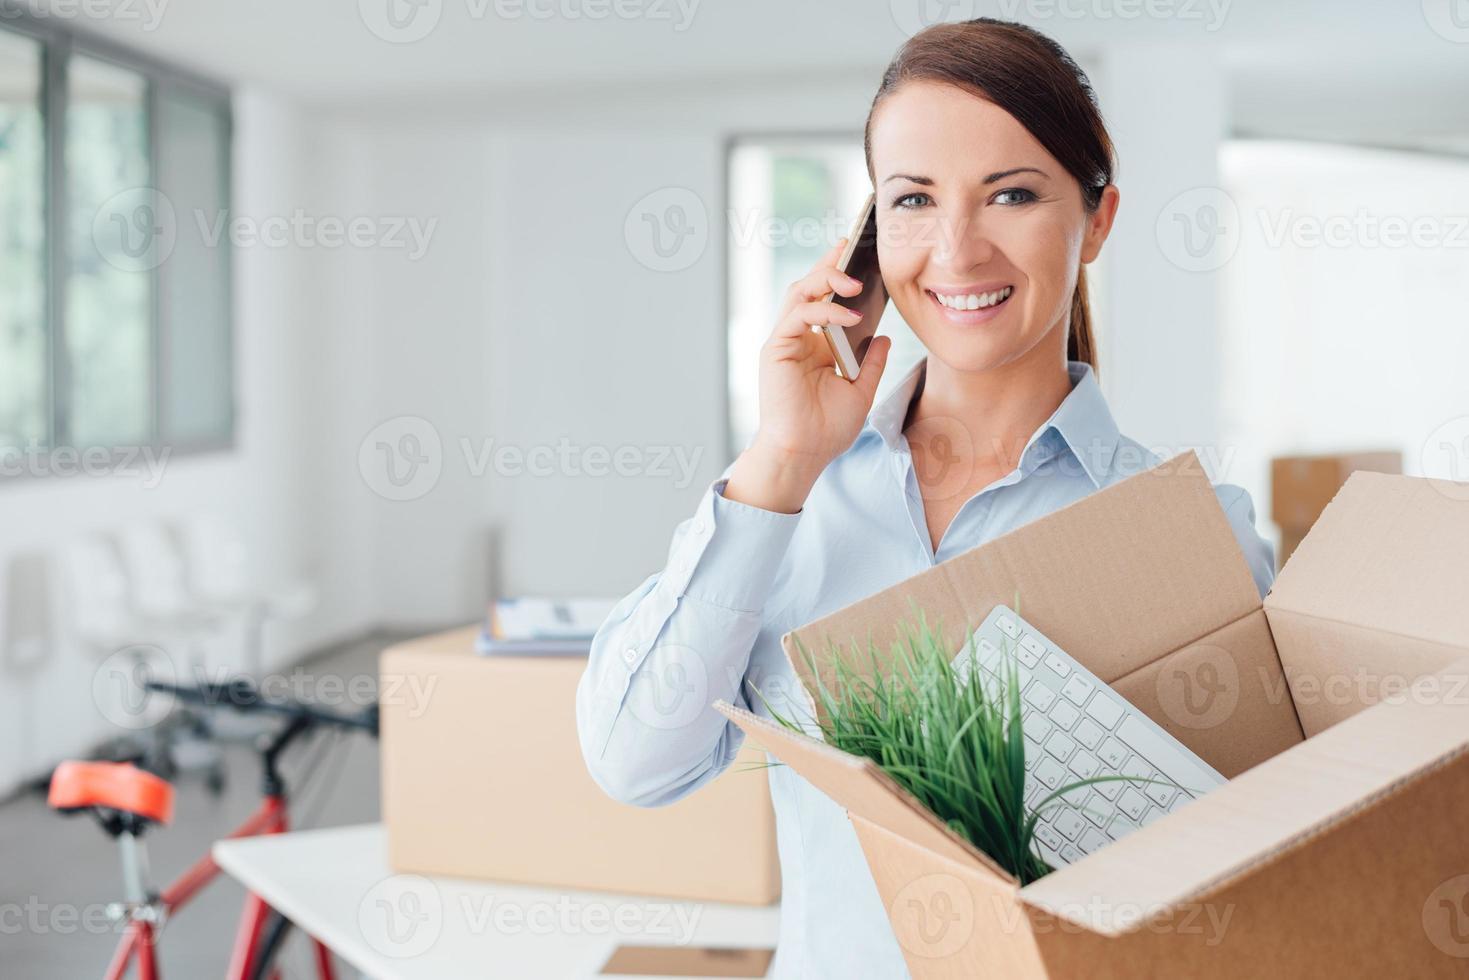 bella donna al telefono con una scatola aperta foto